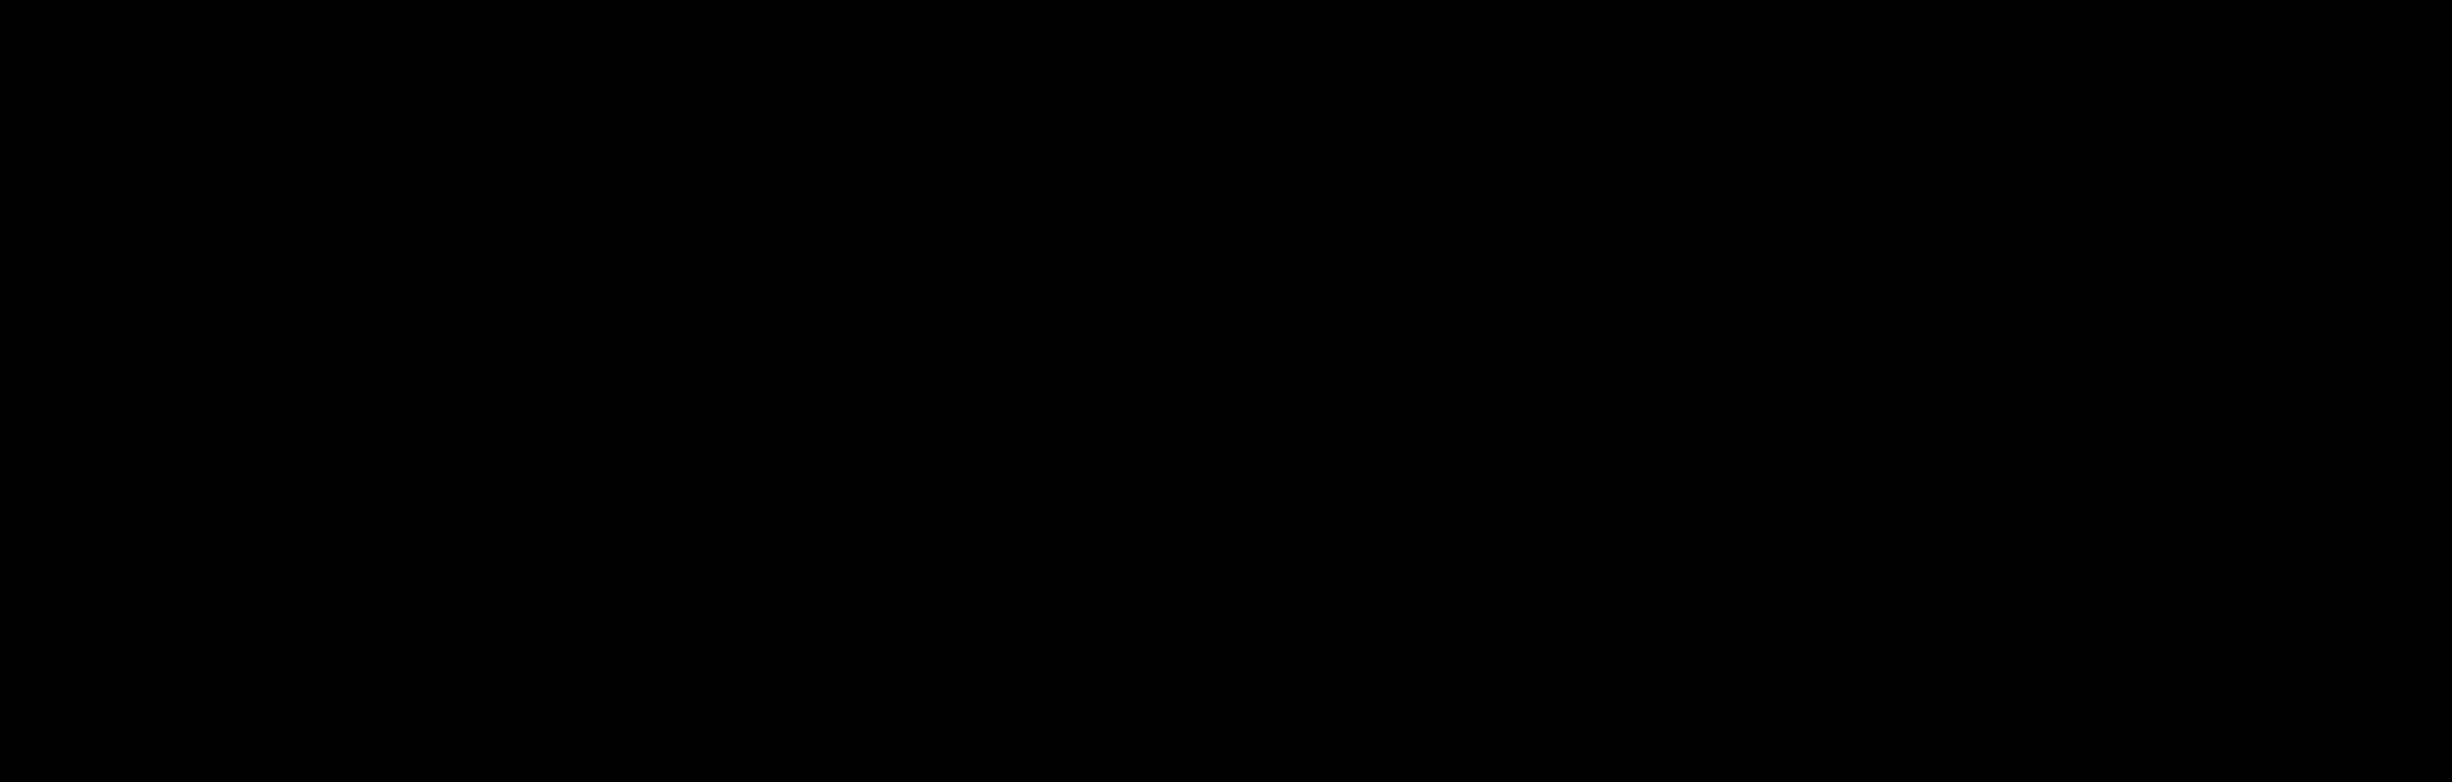 6-Biotinoylaminohexanoylpropargylamine